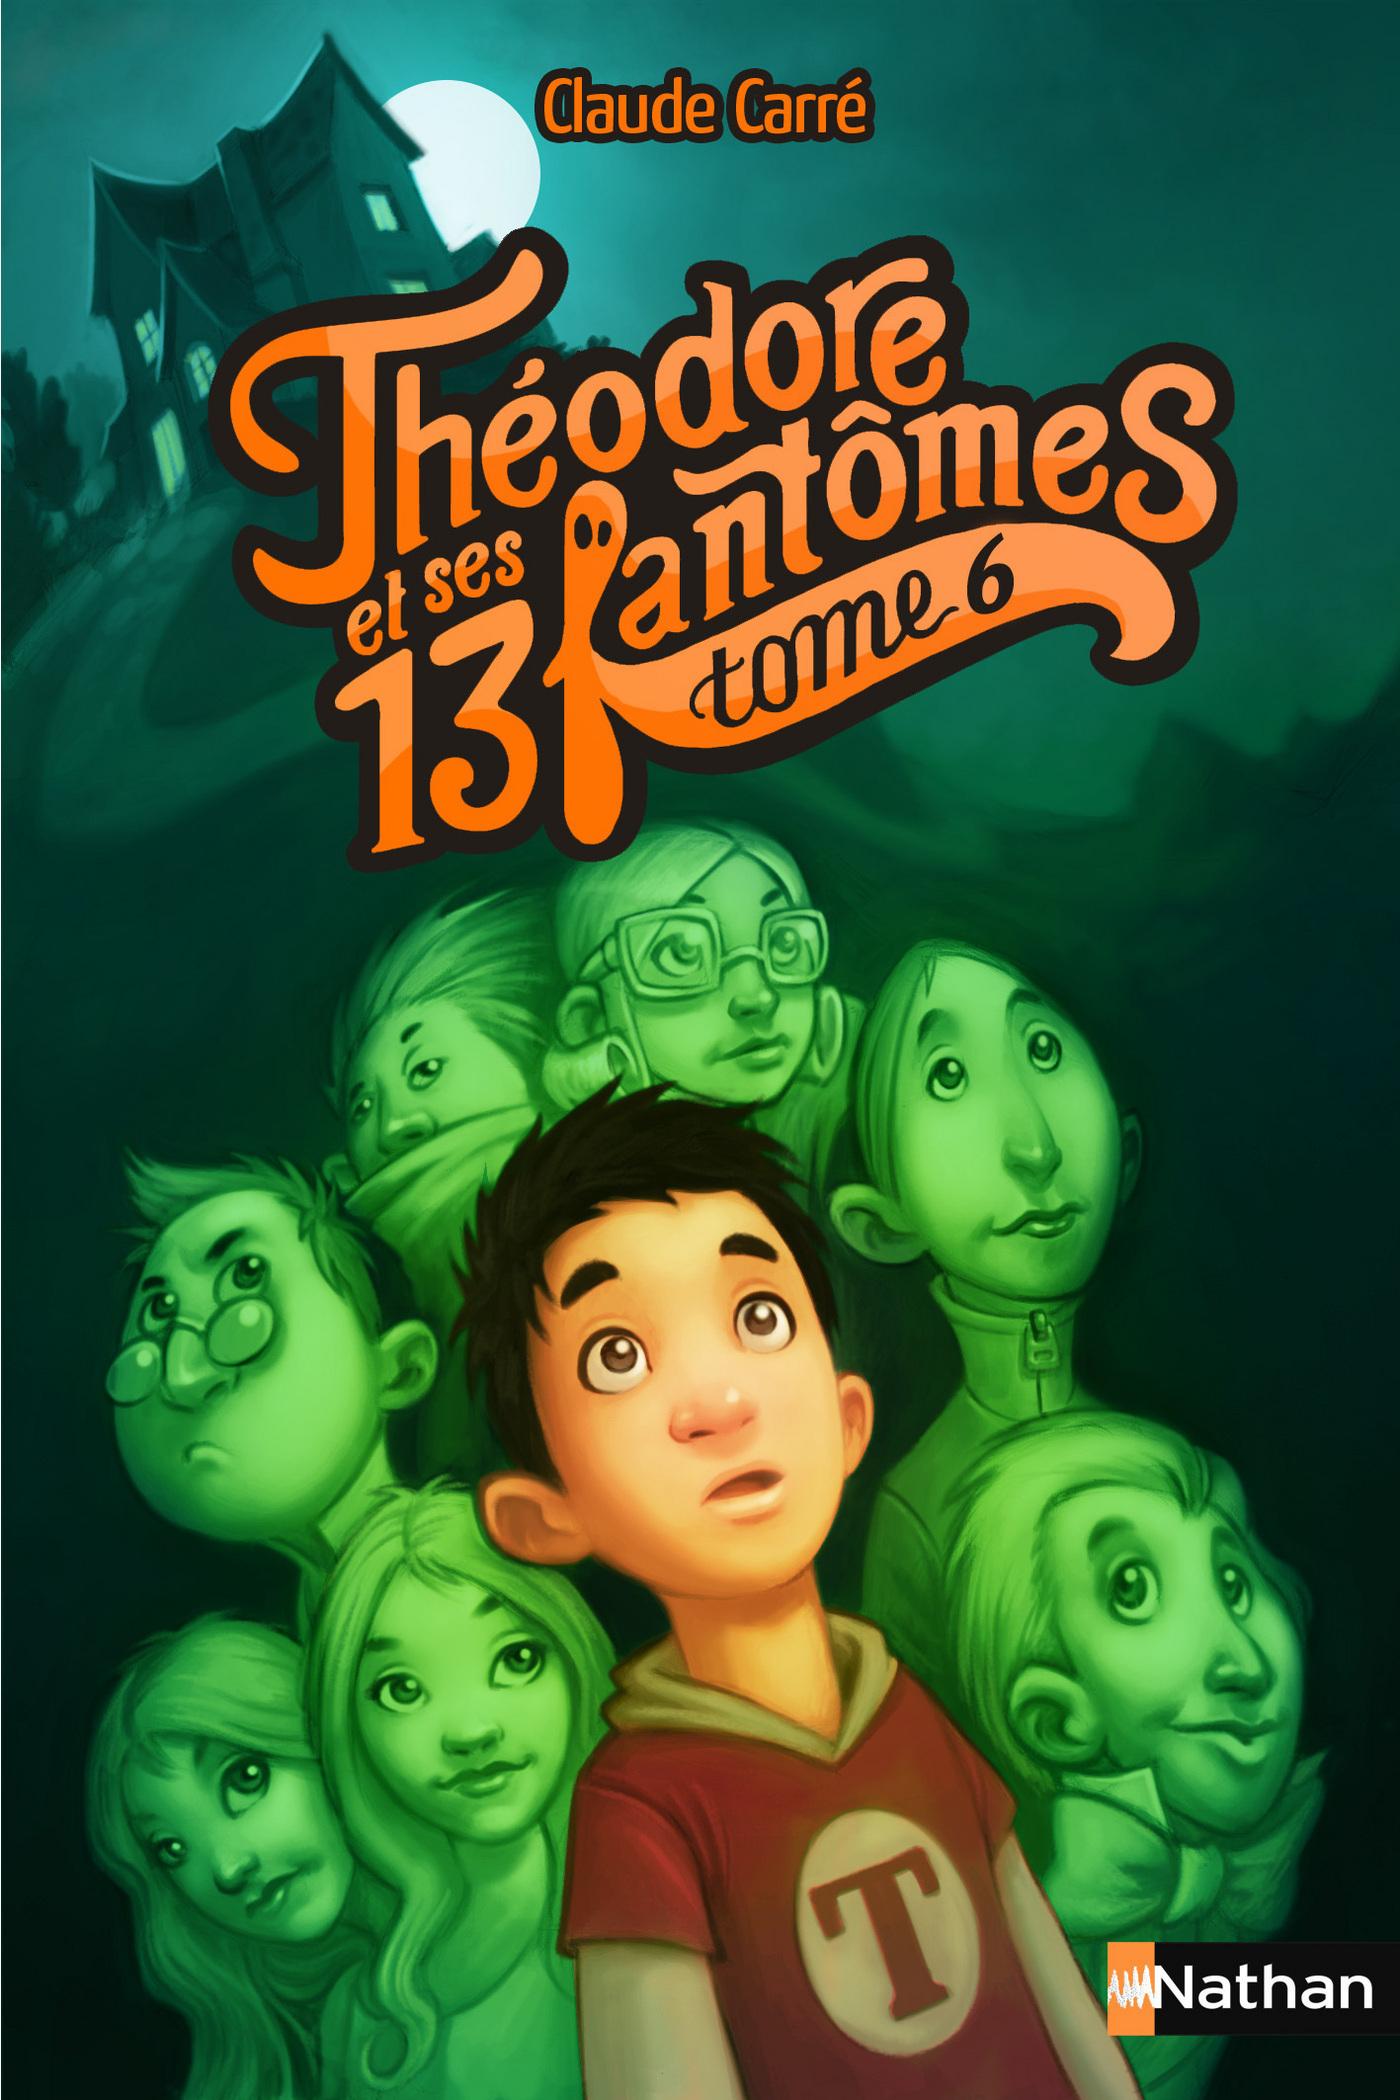 Théodore et ses 13 fantômes - Tome 6